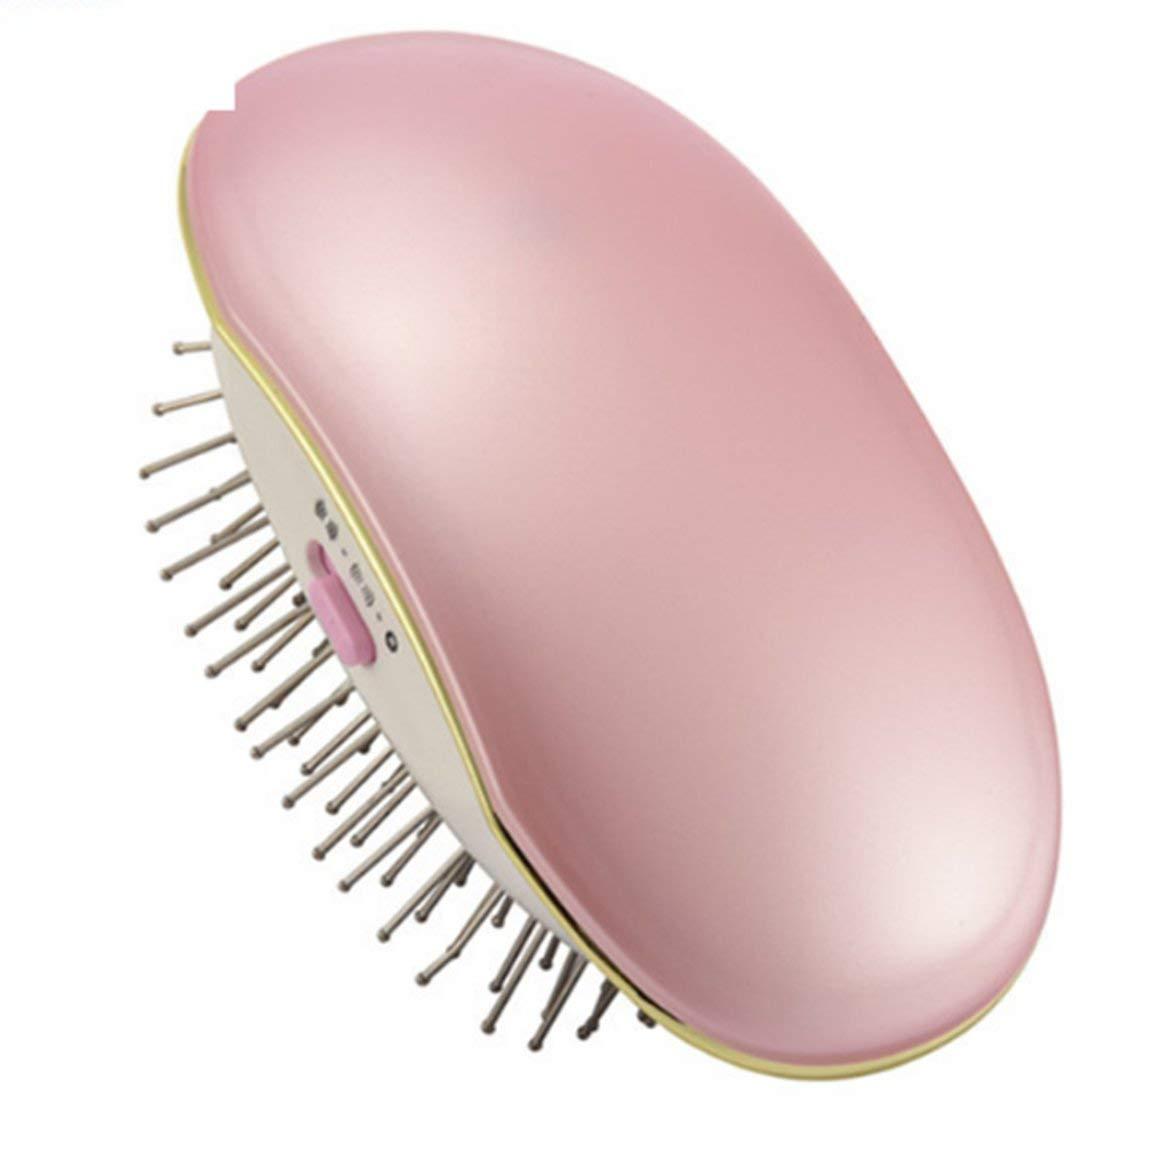 Peine para el cabello Cepillo para el cabello Alisado del cabello Masaje Peinado recto Peinado negativo Ion Peine Herramienta portátil antiestática - Rosa: ...